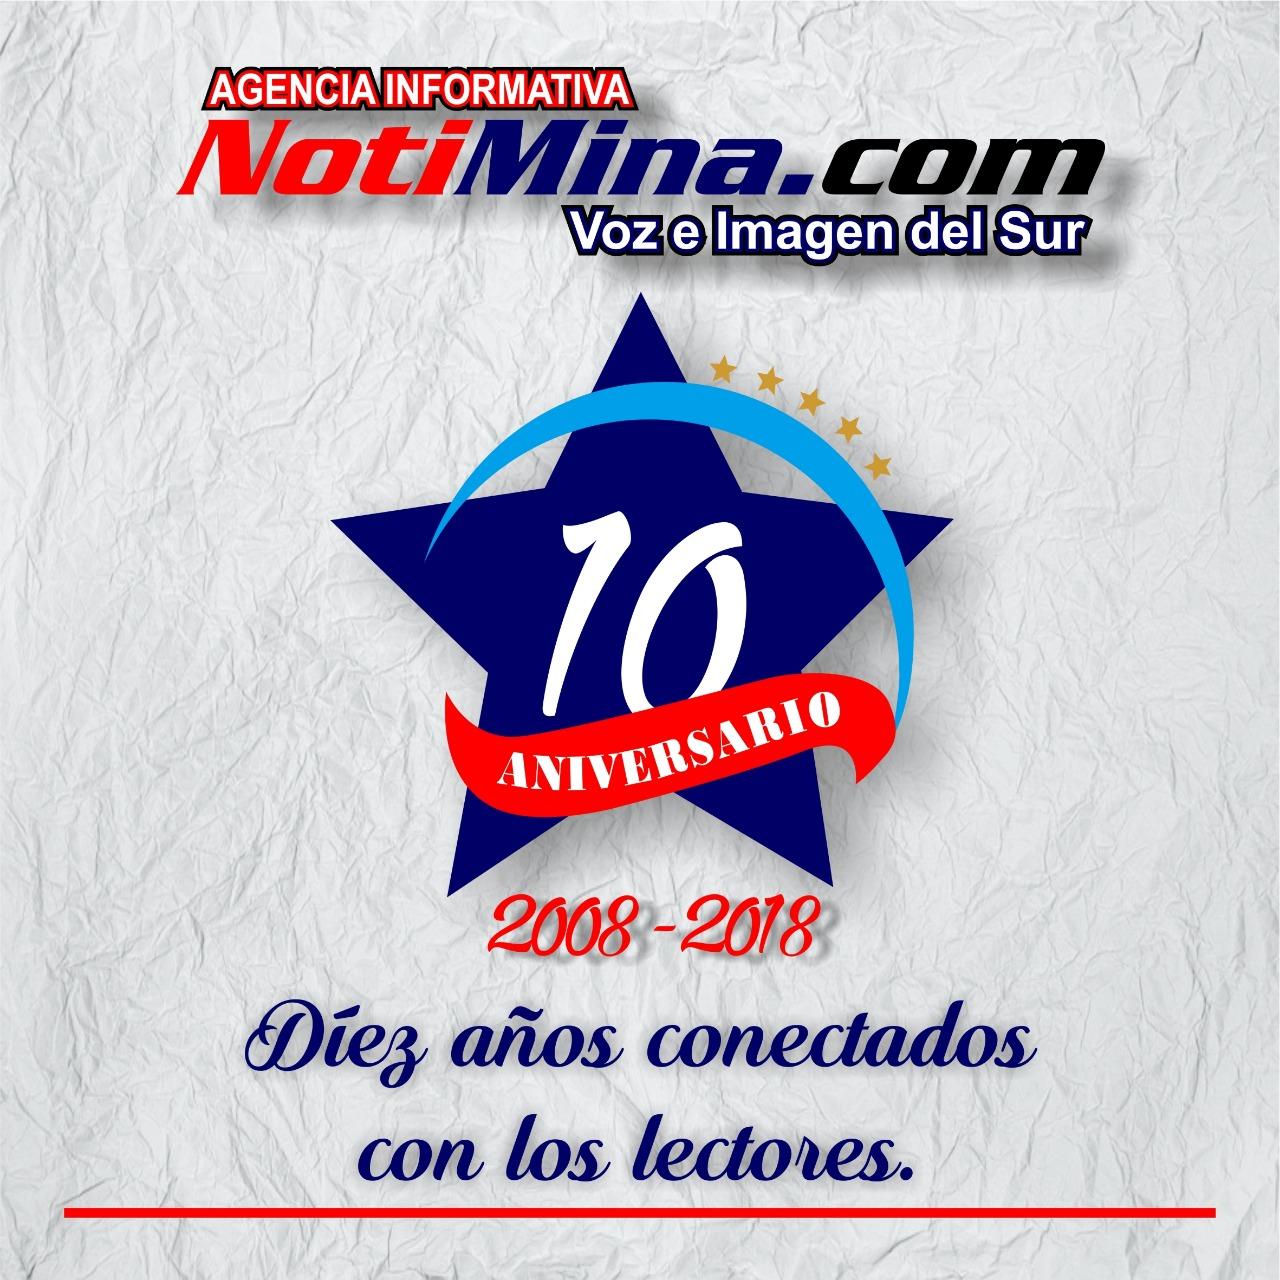 Agencia Informativa NotiMina